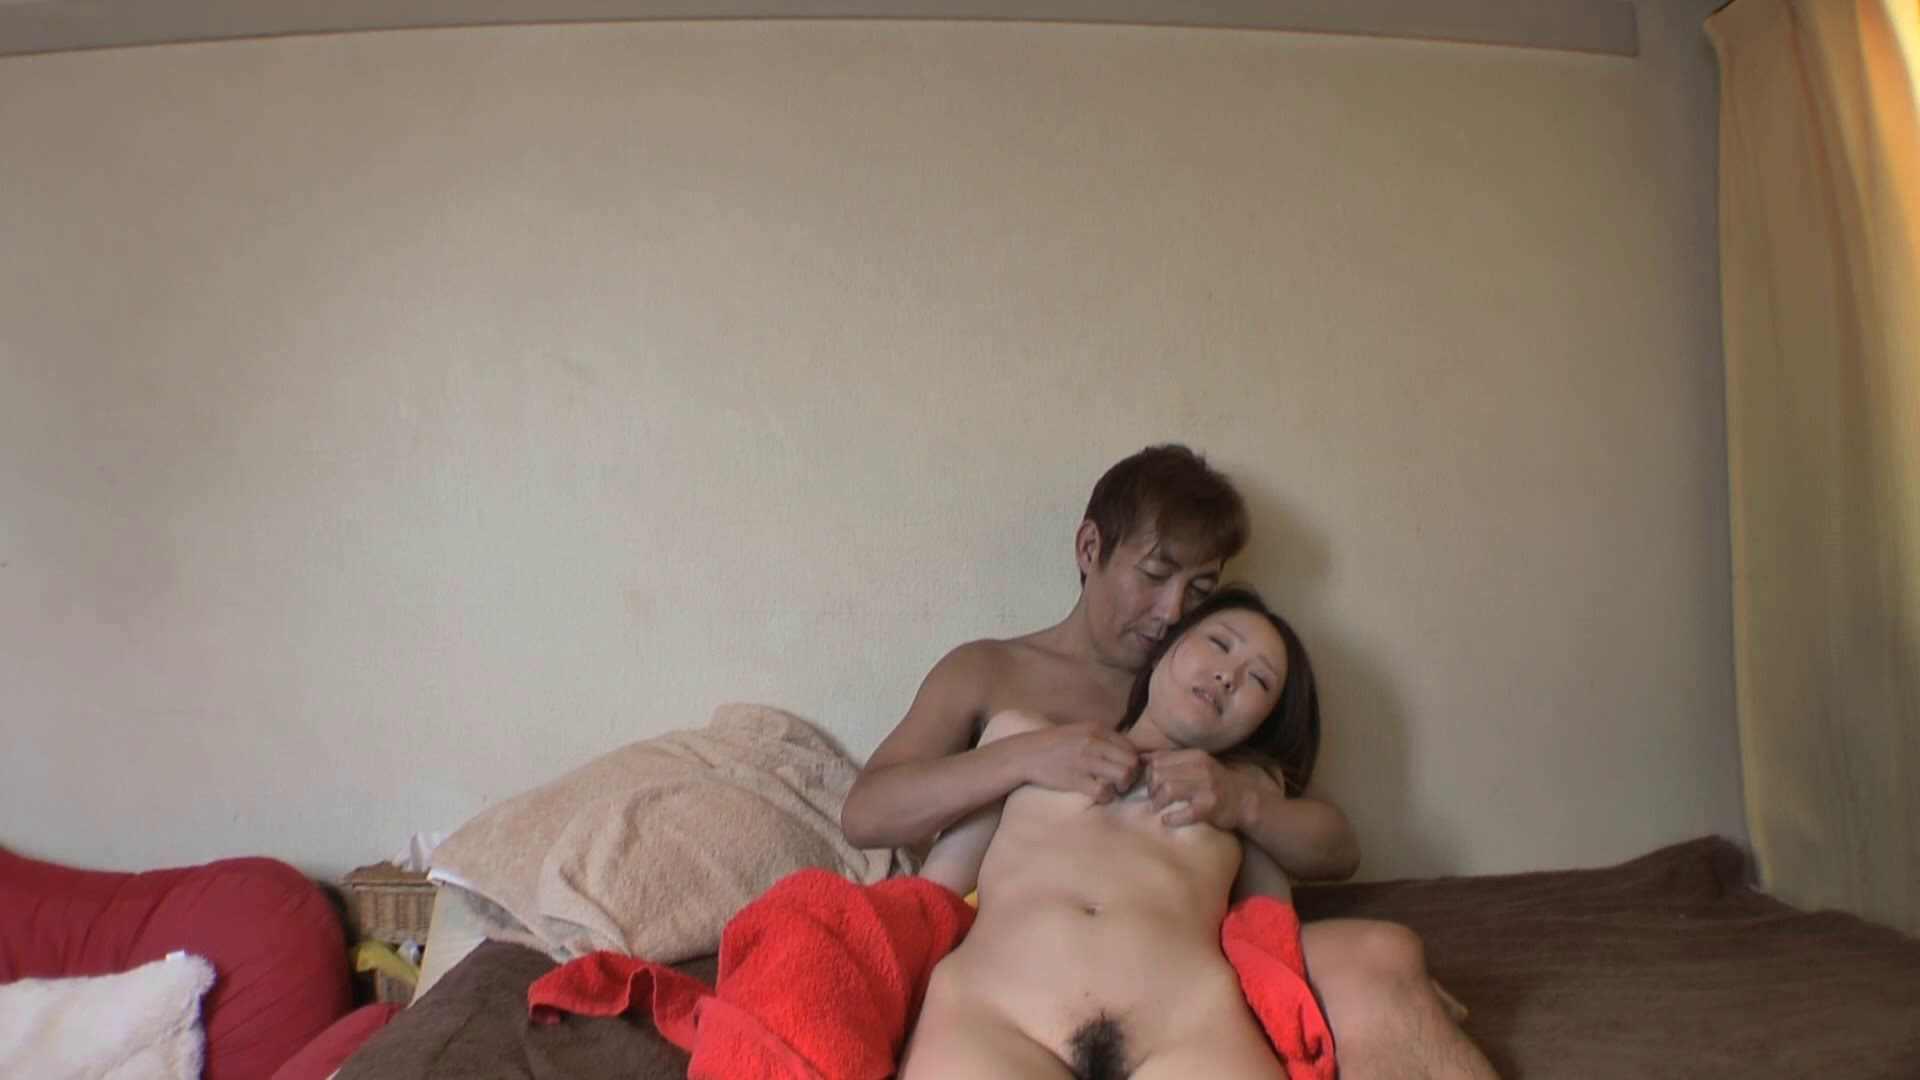 隠撮店の女の子をつまみ喰い~yukivol.4 隠撮 | OL裸体  107画像 91